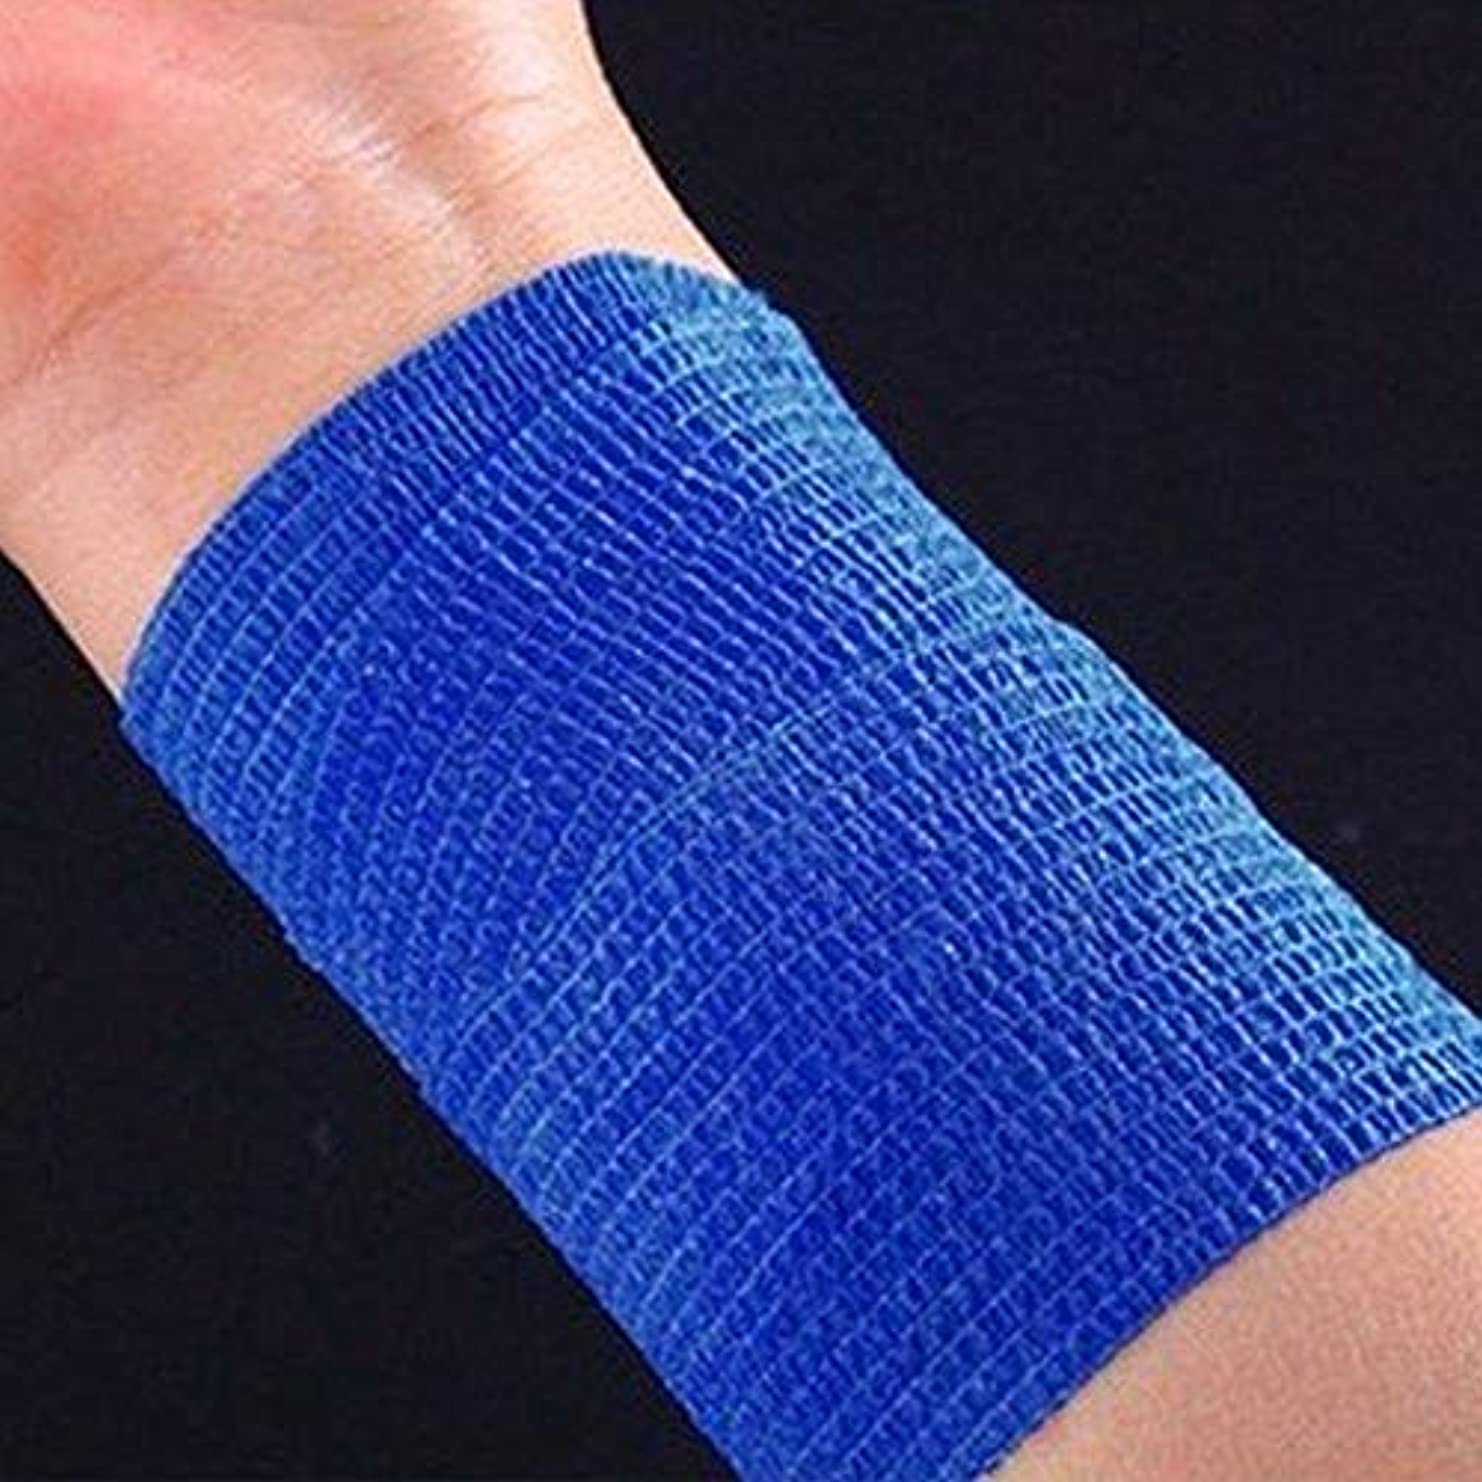 解明する労働無一文Pichidr-JP 自己接着包帯足首の捻挫、腫れや手首のための2インチの便利な弾性包帯